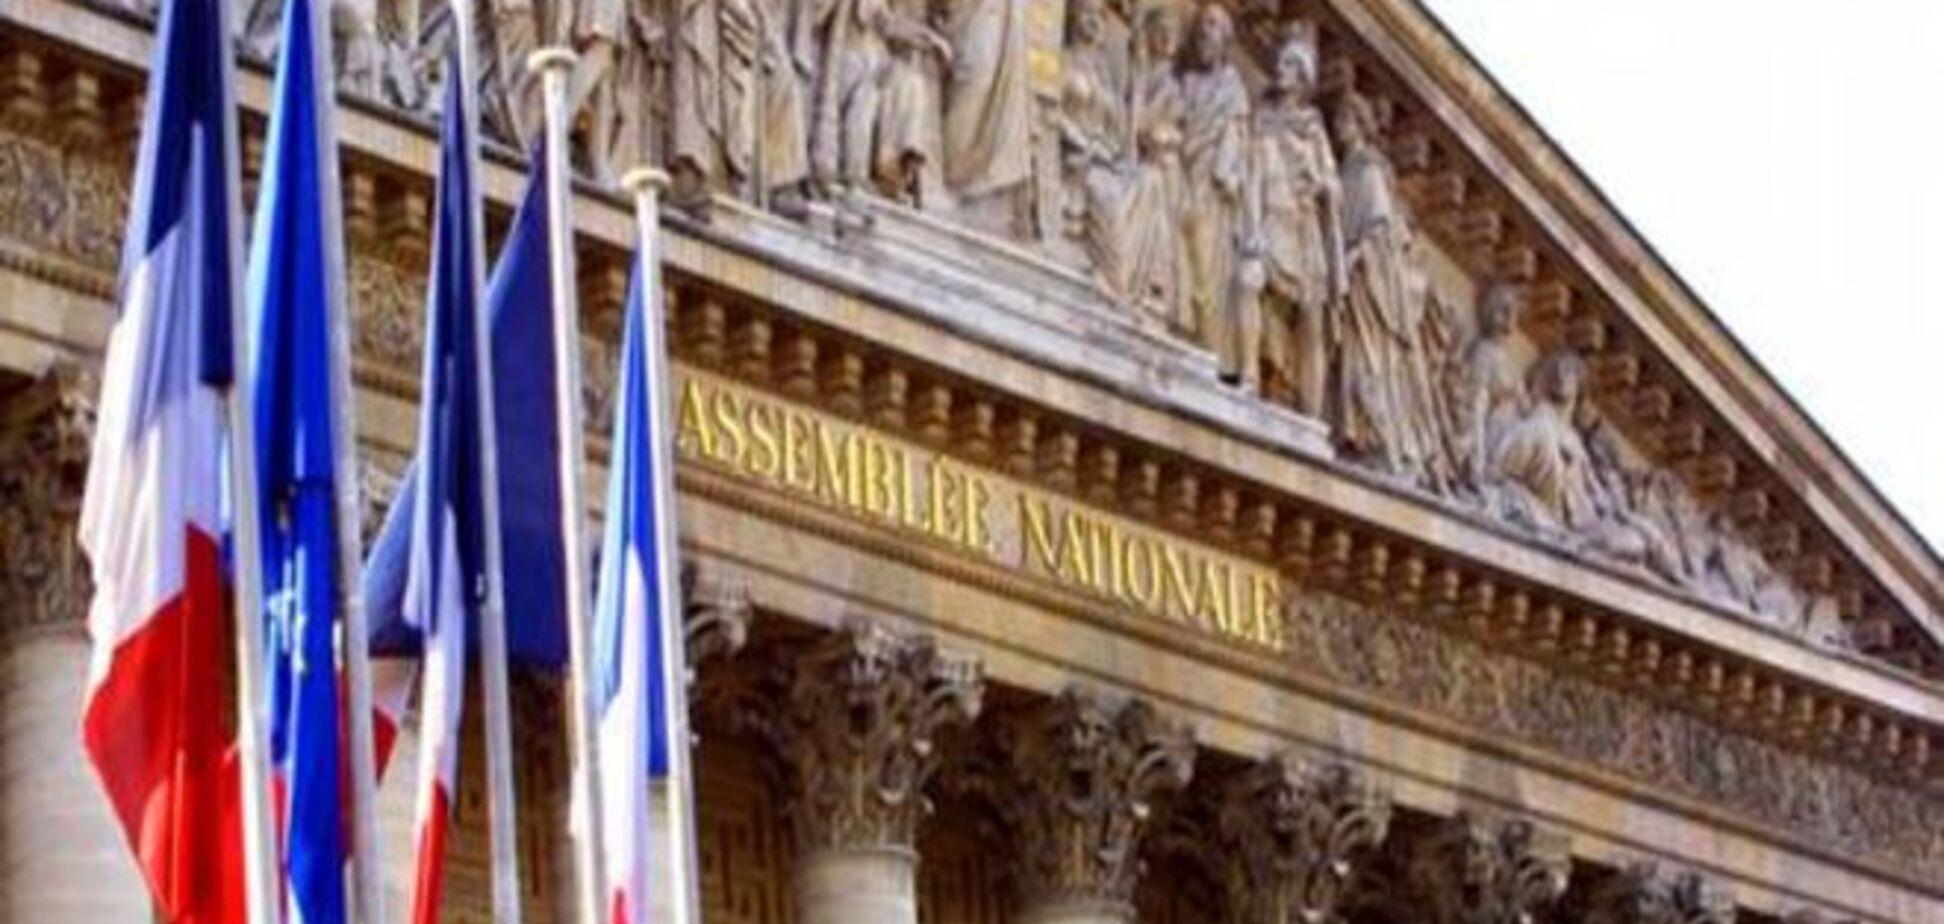 Парламент Франції підтримав програму порятунку Греції